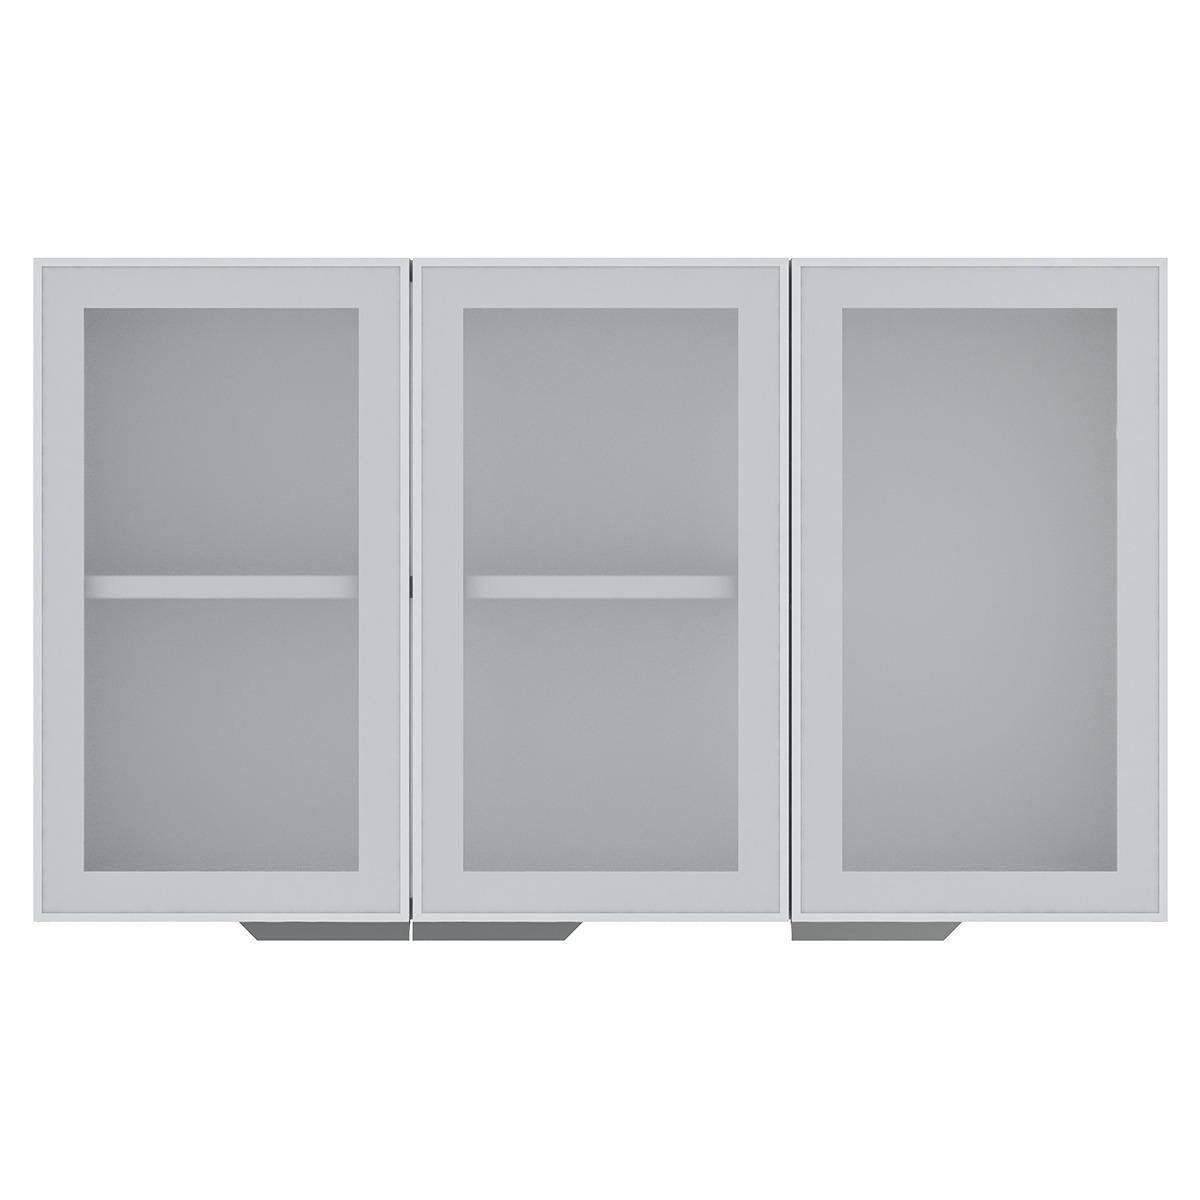 Armário de Cozinha Aéreo Colormaq Verona 3 Portas 70x120cm em Aço e Vidro